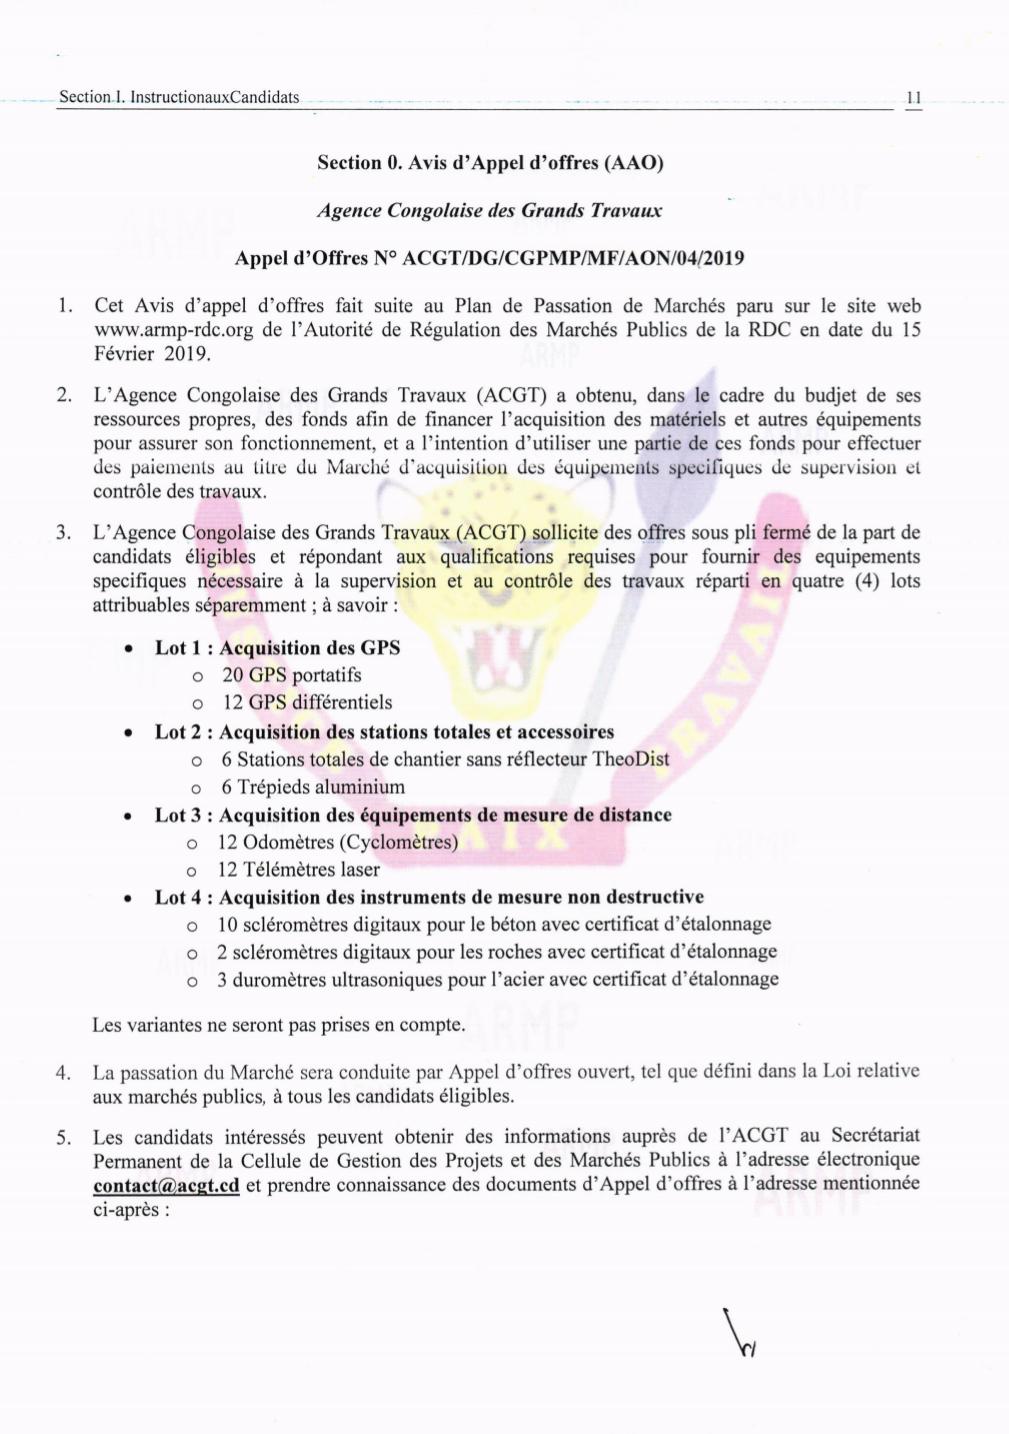 RDC : ACGT lance un appel d'offres pour l'acquisition de ses matériels 2